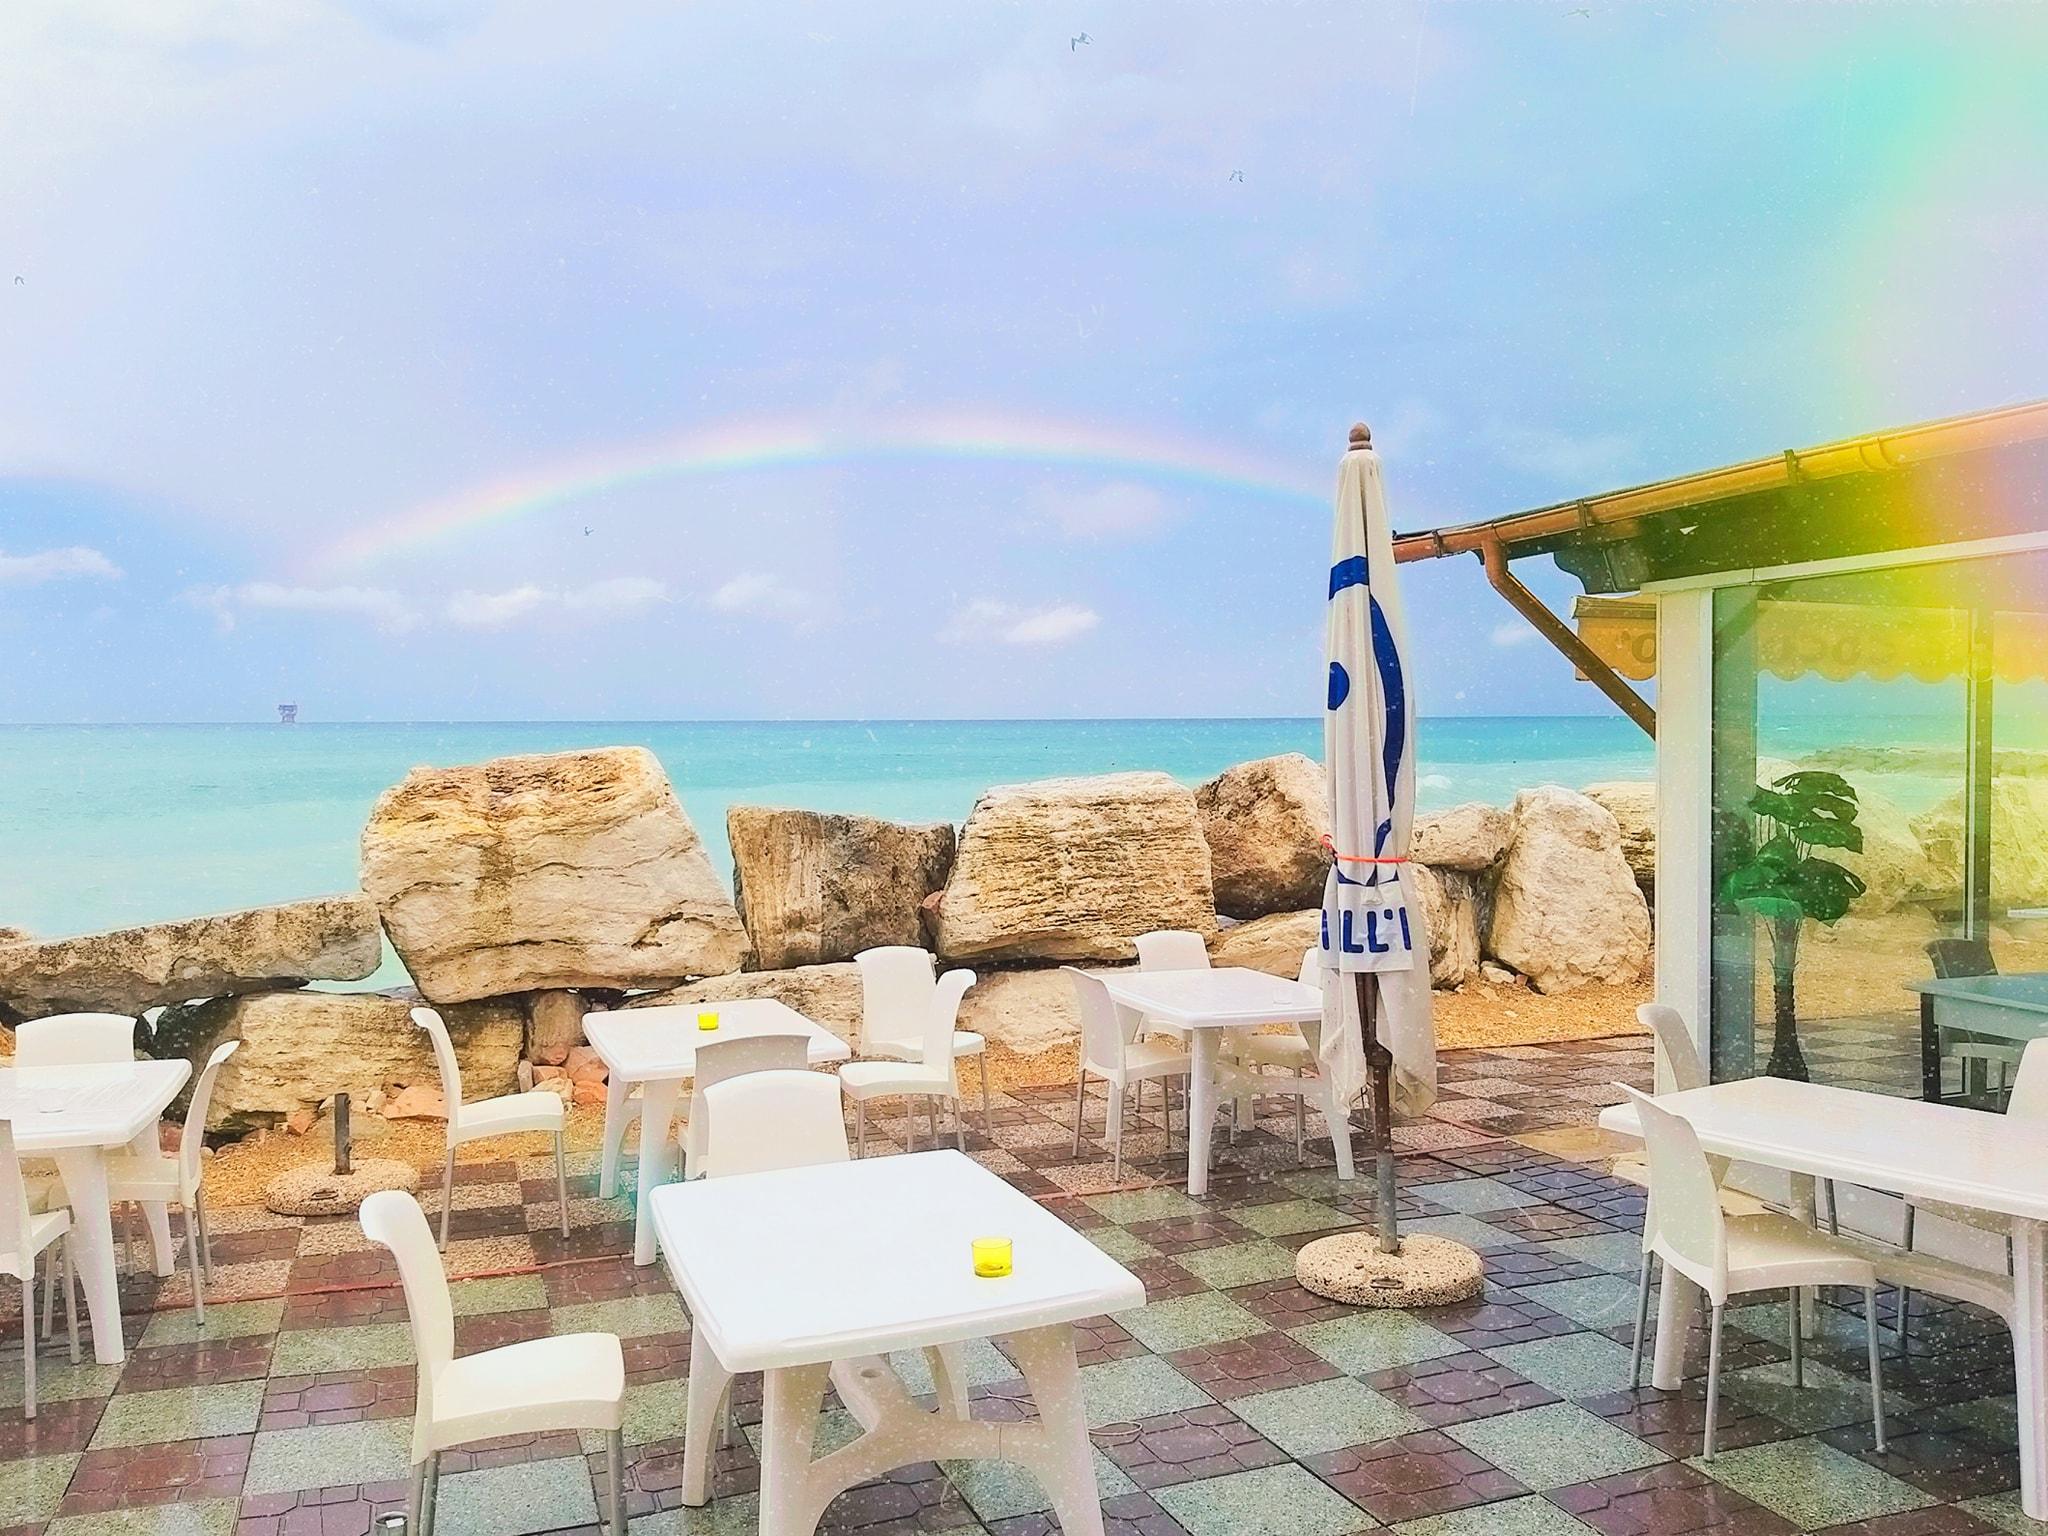 La Playa De Cococciò